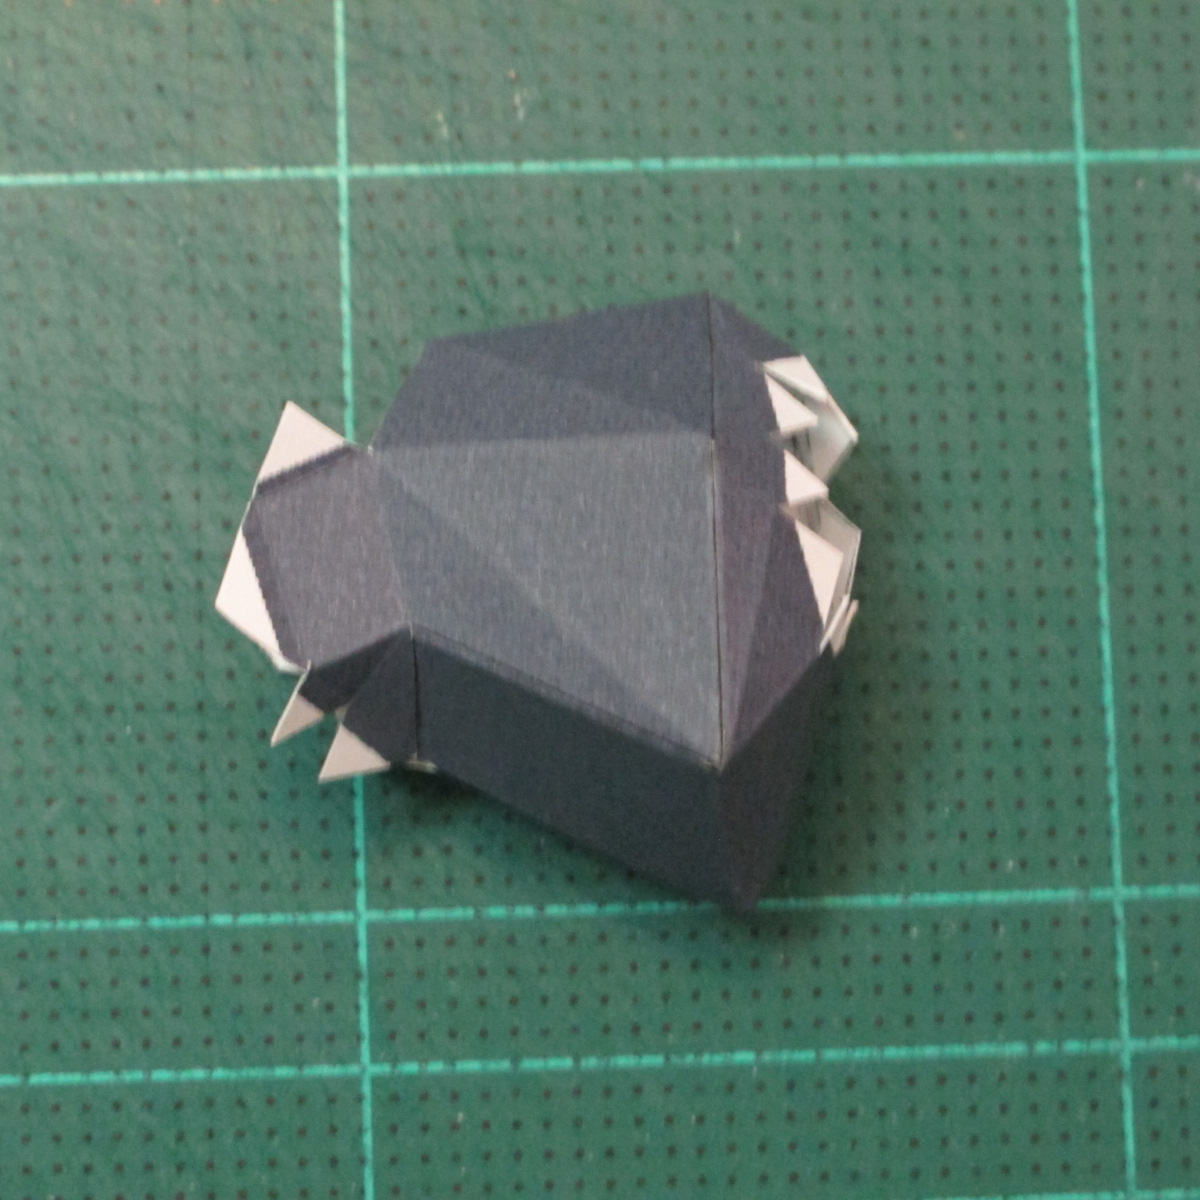 วิธีทำโมเดลกระดาษของเล่นคุกกี้รัน คุกกี้รสพ่อมด (Cookie Run Wizard Cookie Papercraft Model) 017